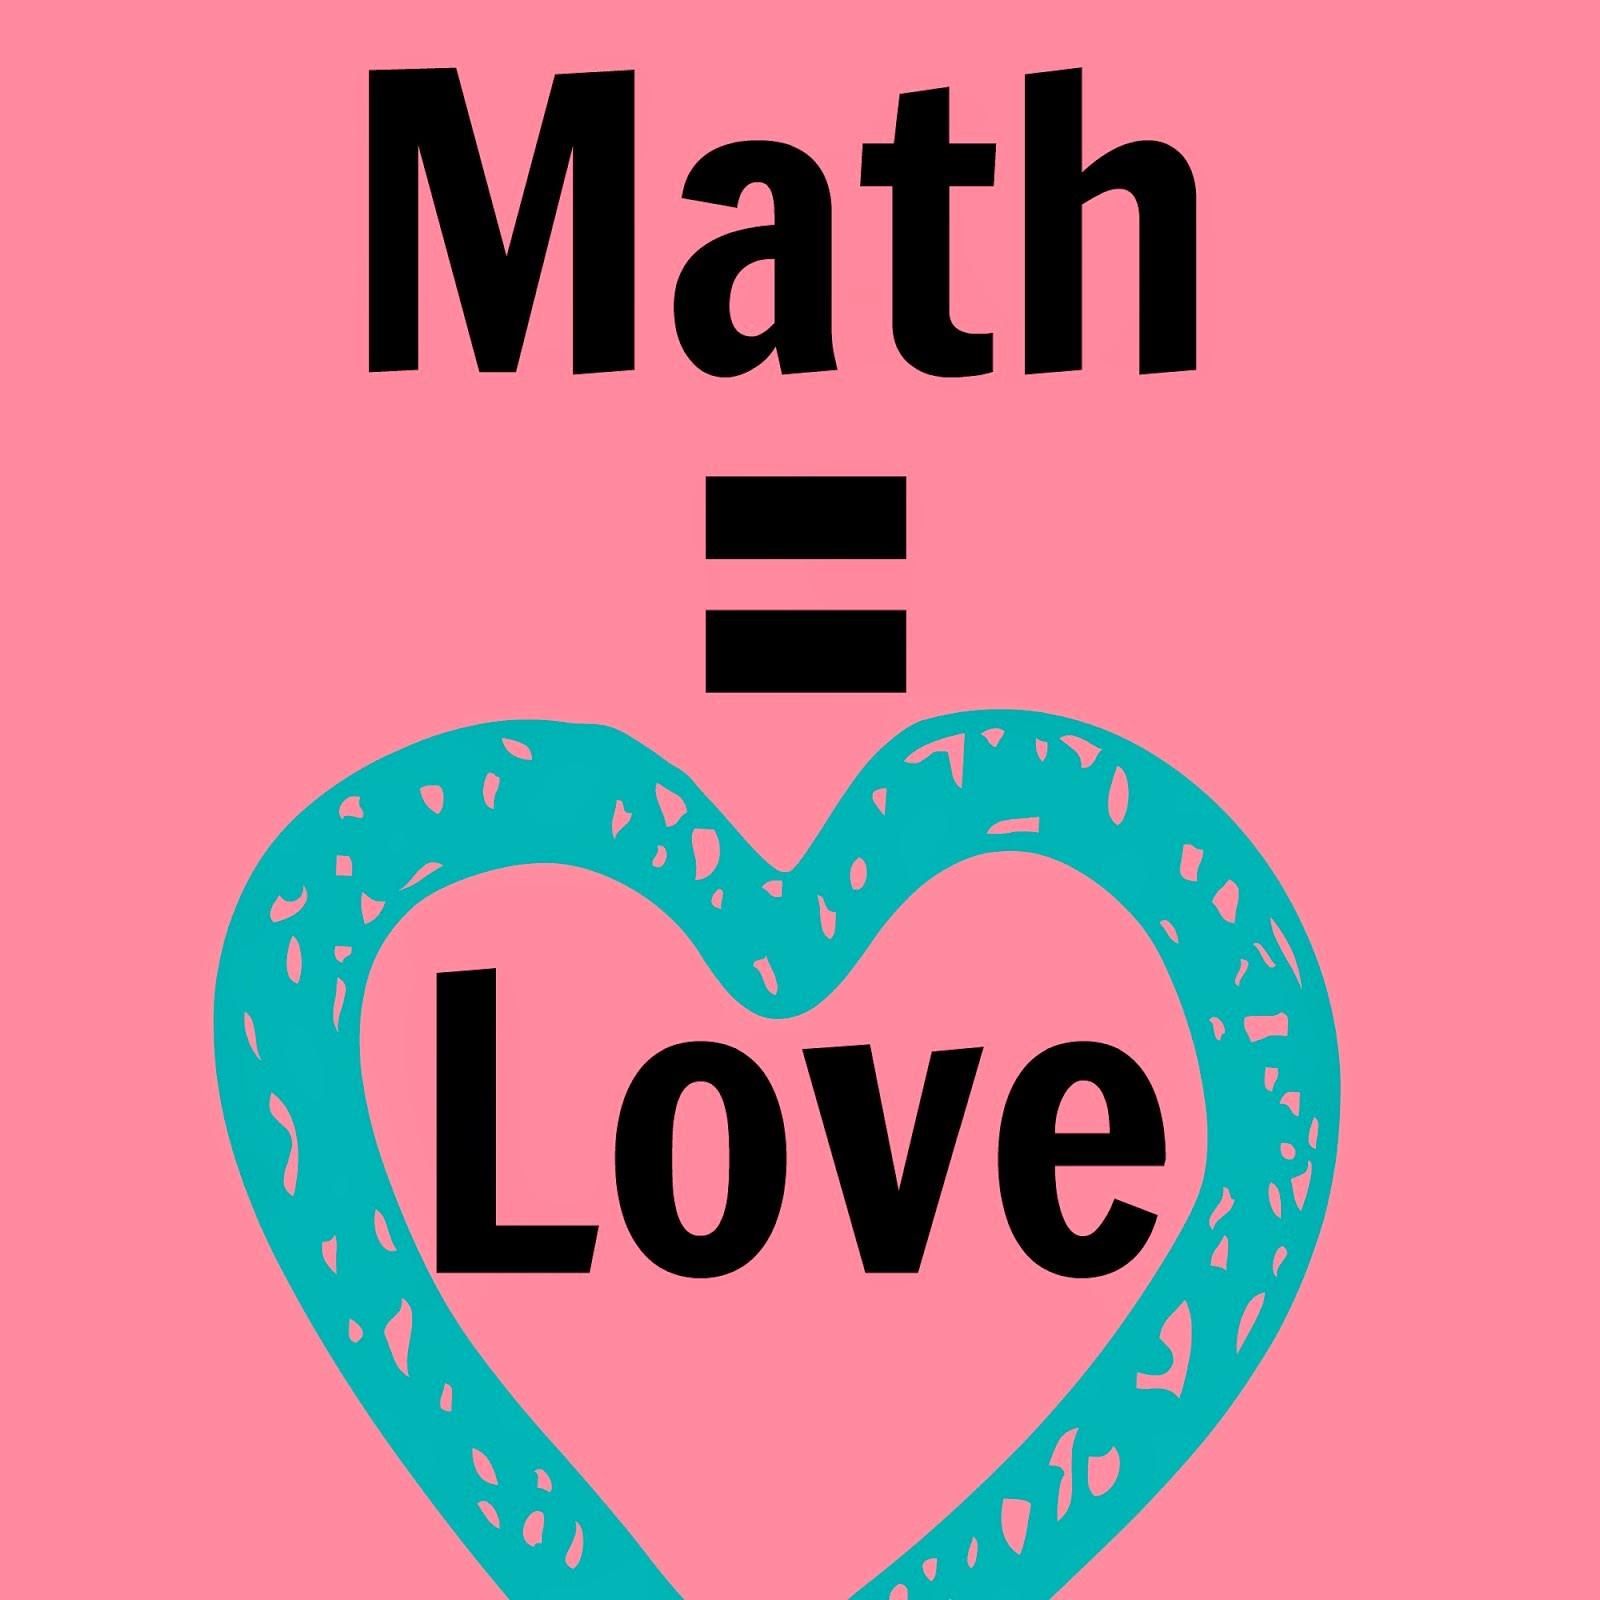 Math = Love